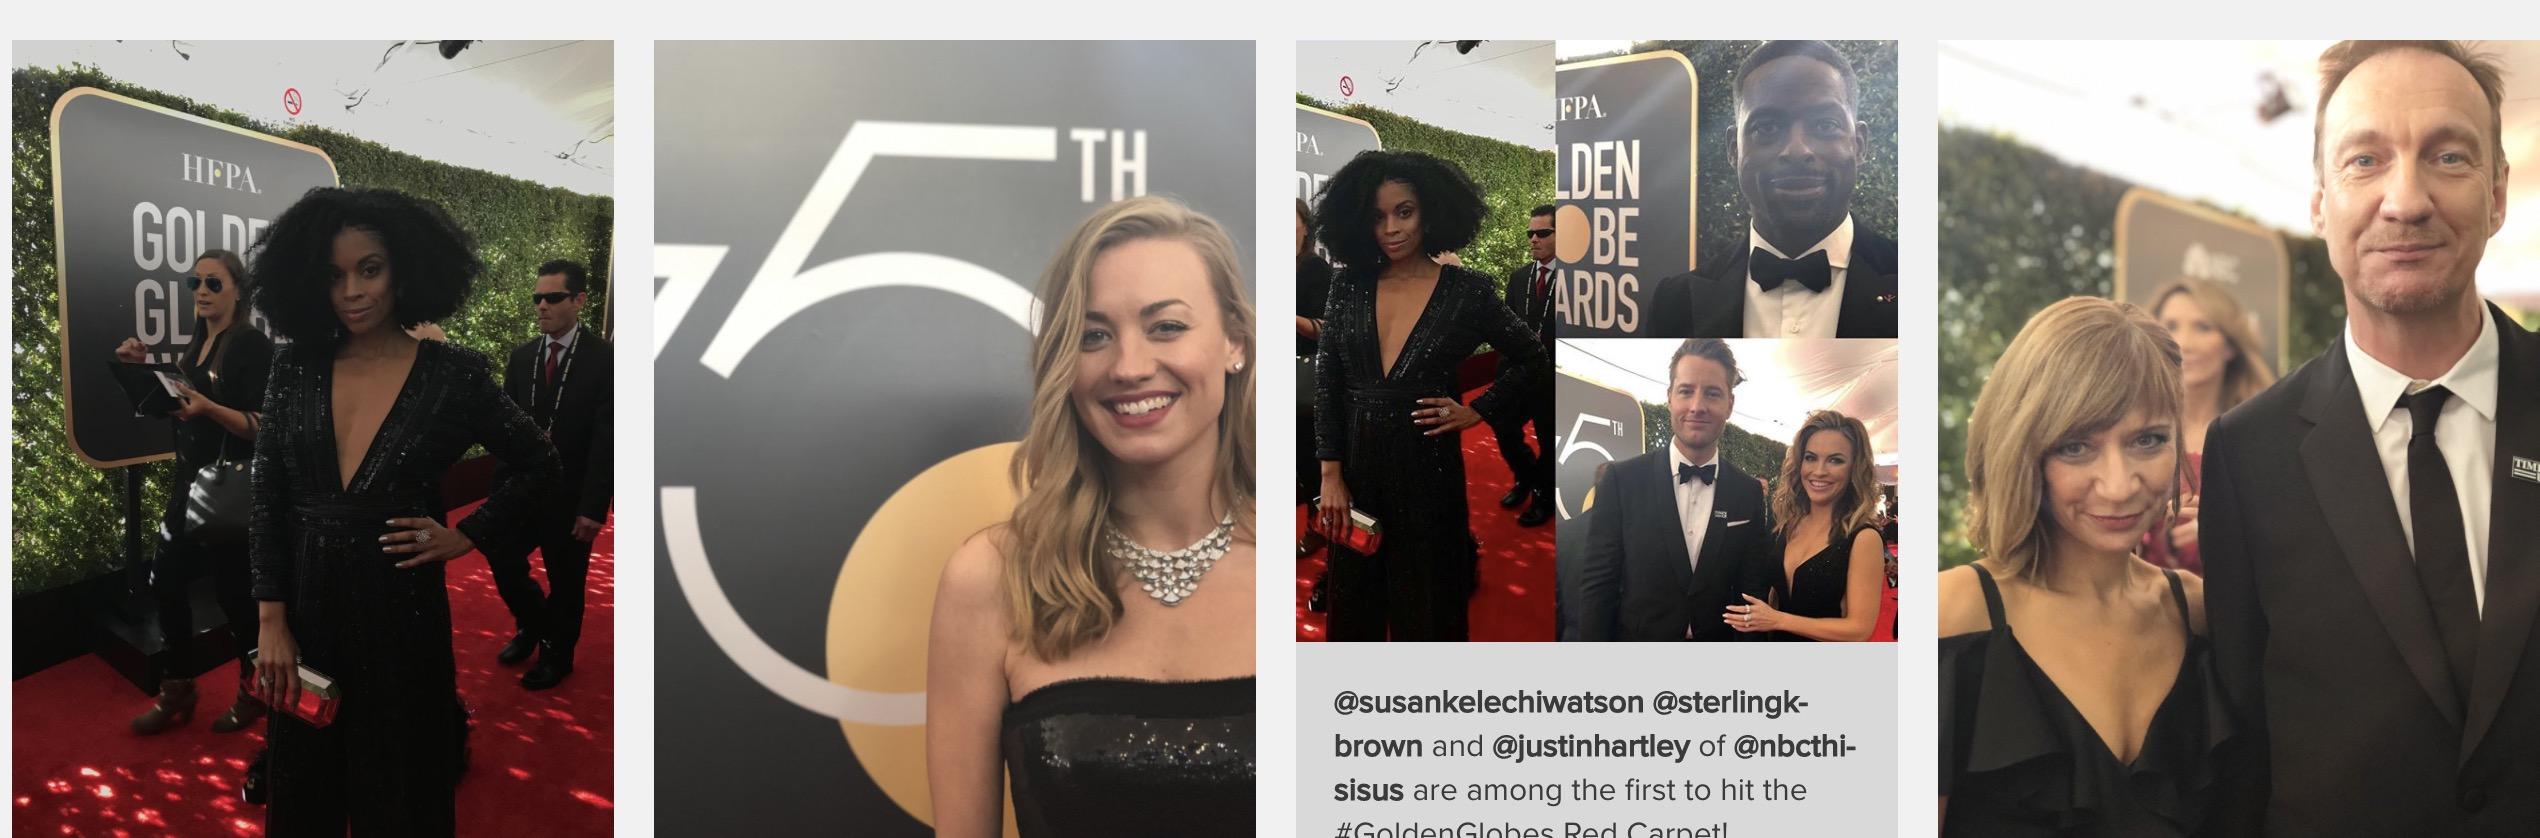 Golden Globes 2018, velo en vivo aquí 👇🏼